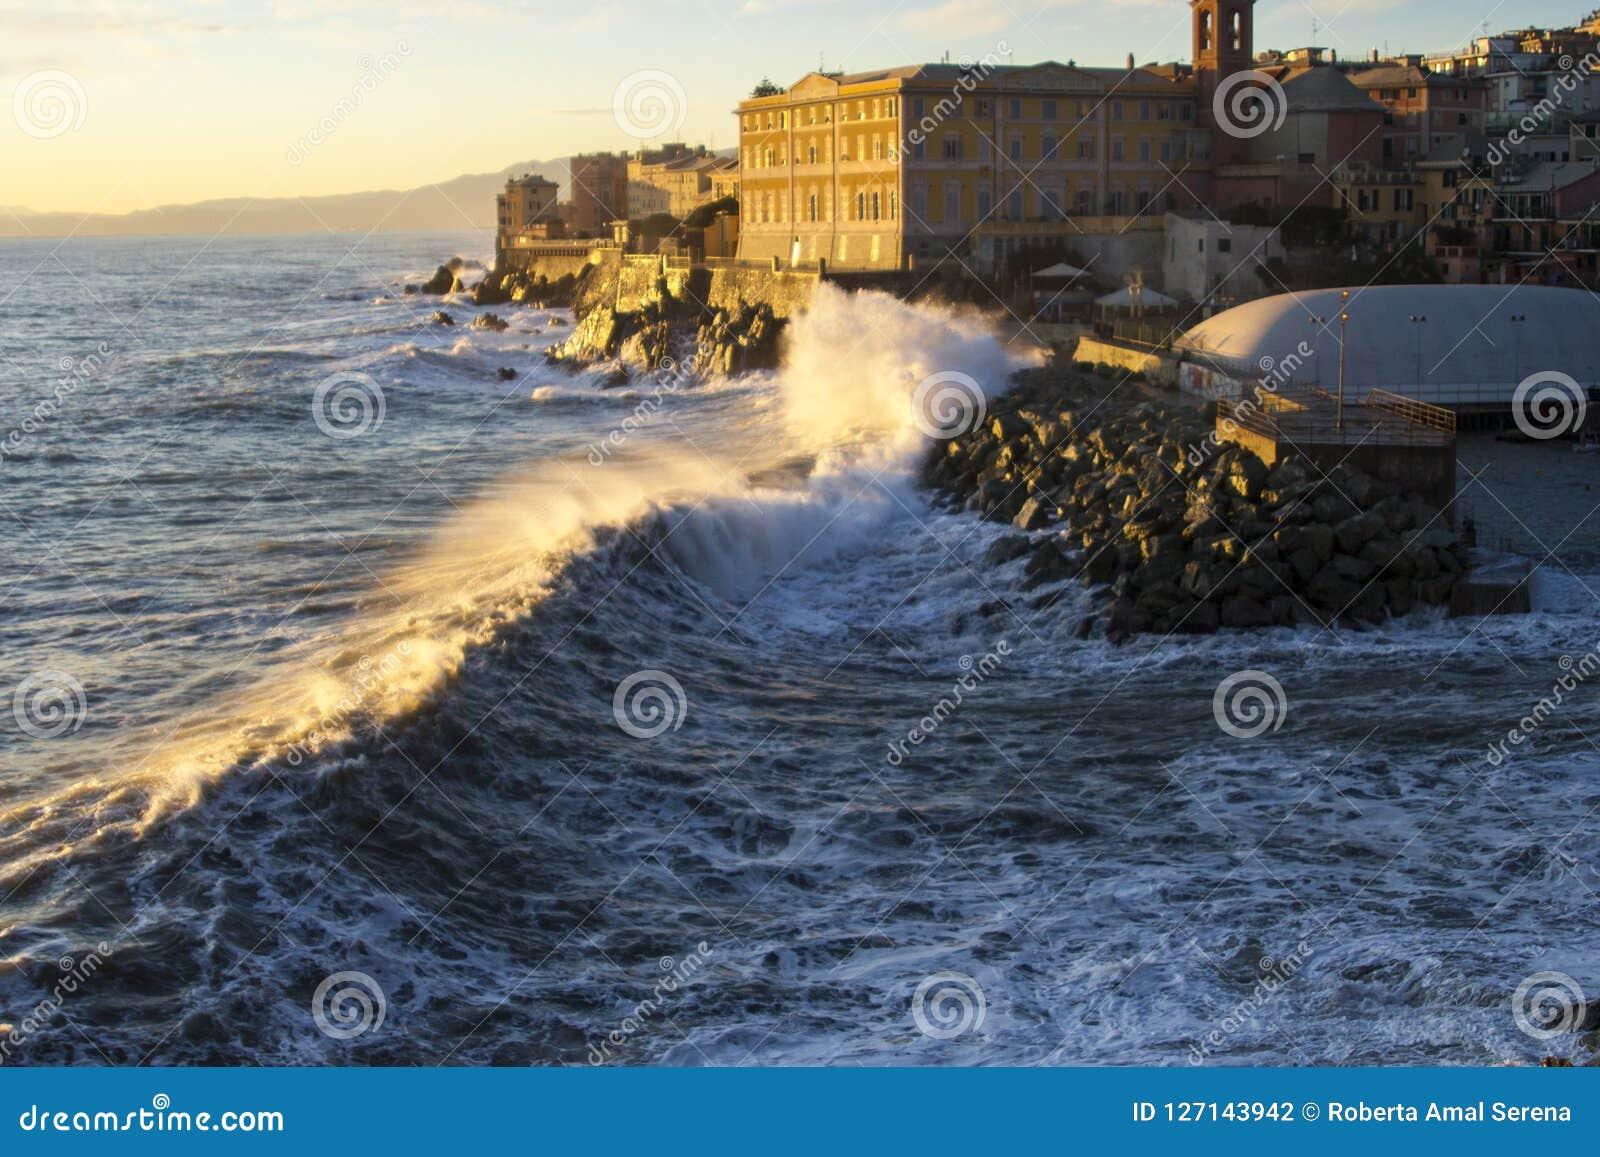 海strorm在赫诺瓦,意大利在2011年12月